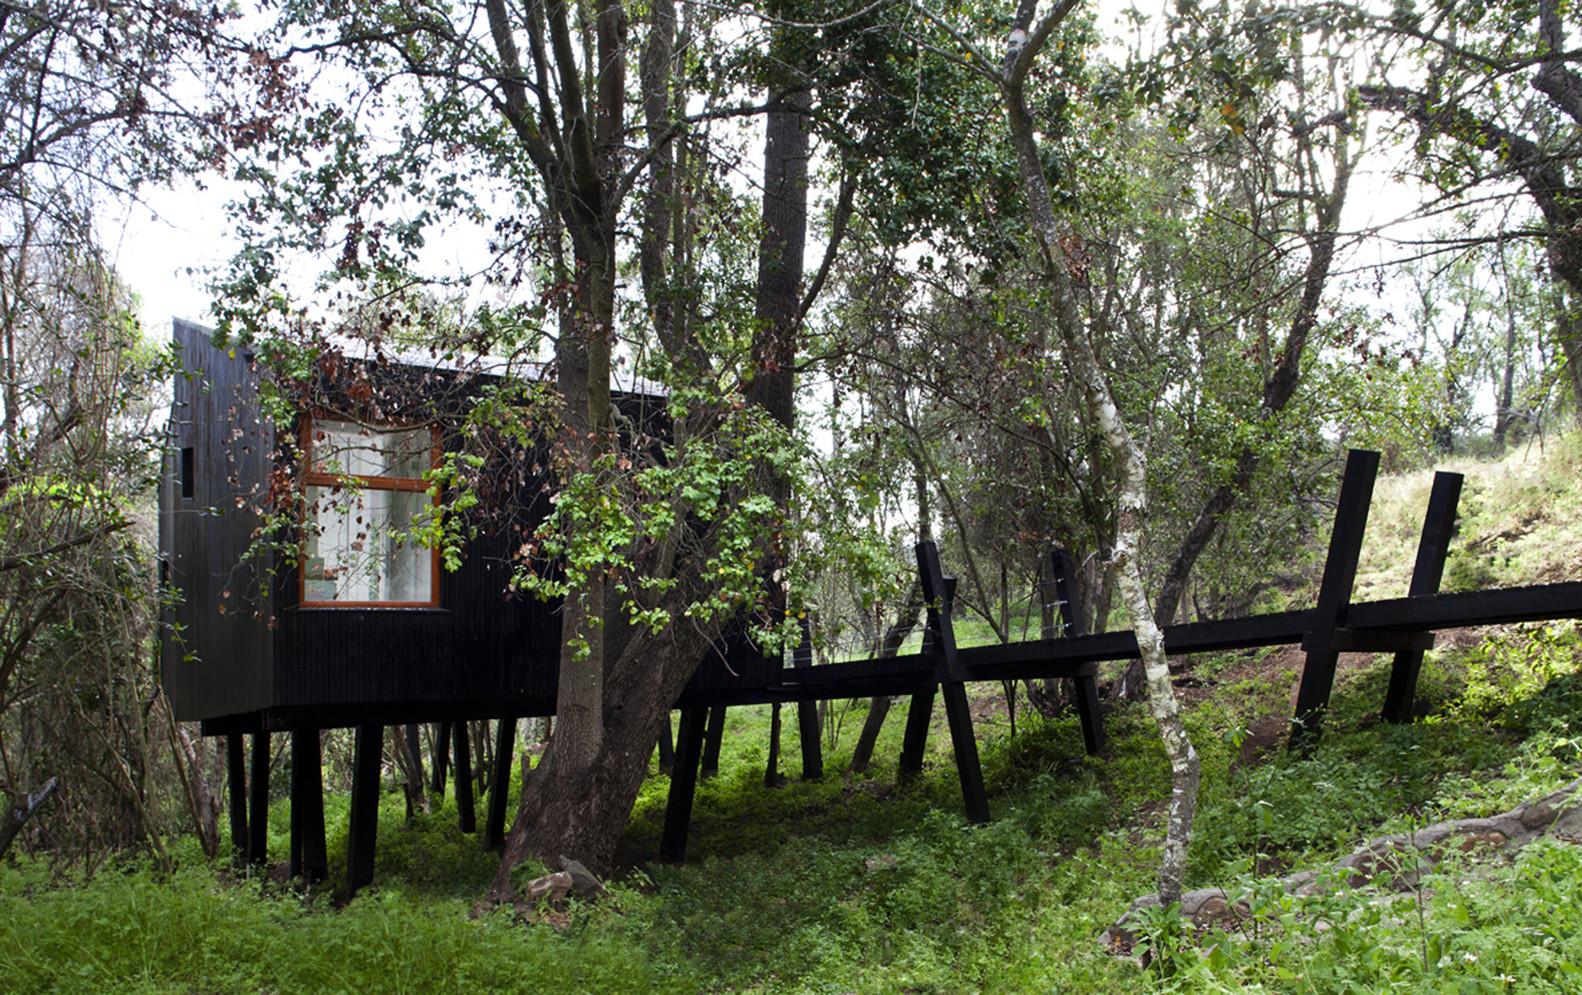 Hình ảnh toàn cảnh một ngôi nhà nhỏ tông màu đen nằm giữa rừng xanh